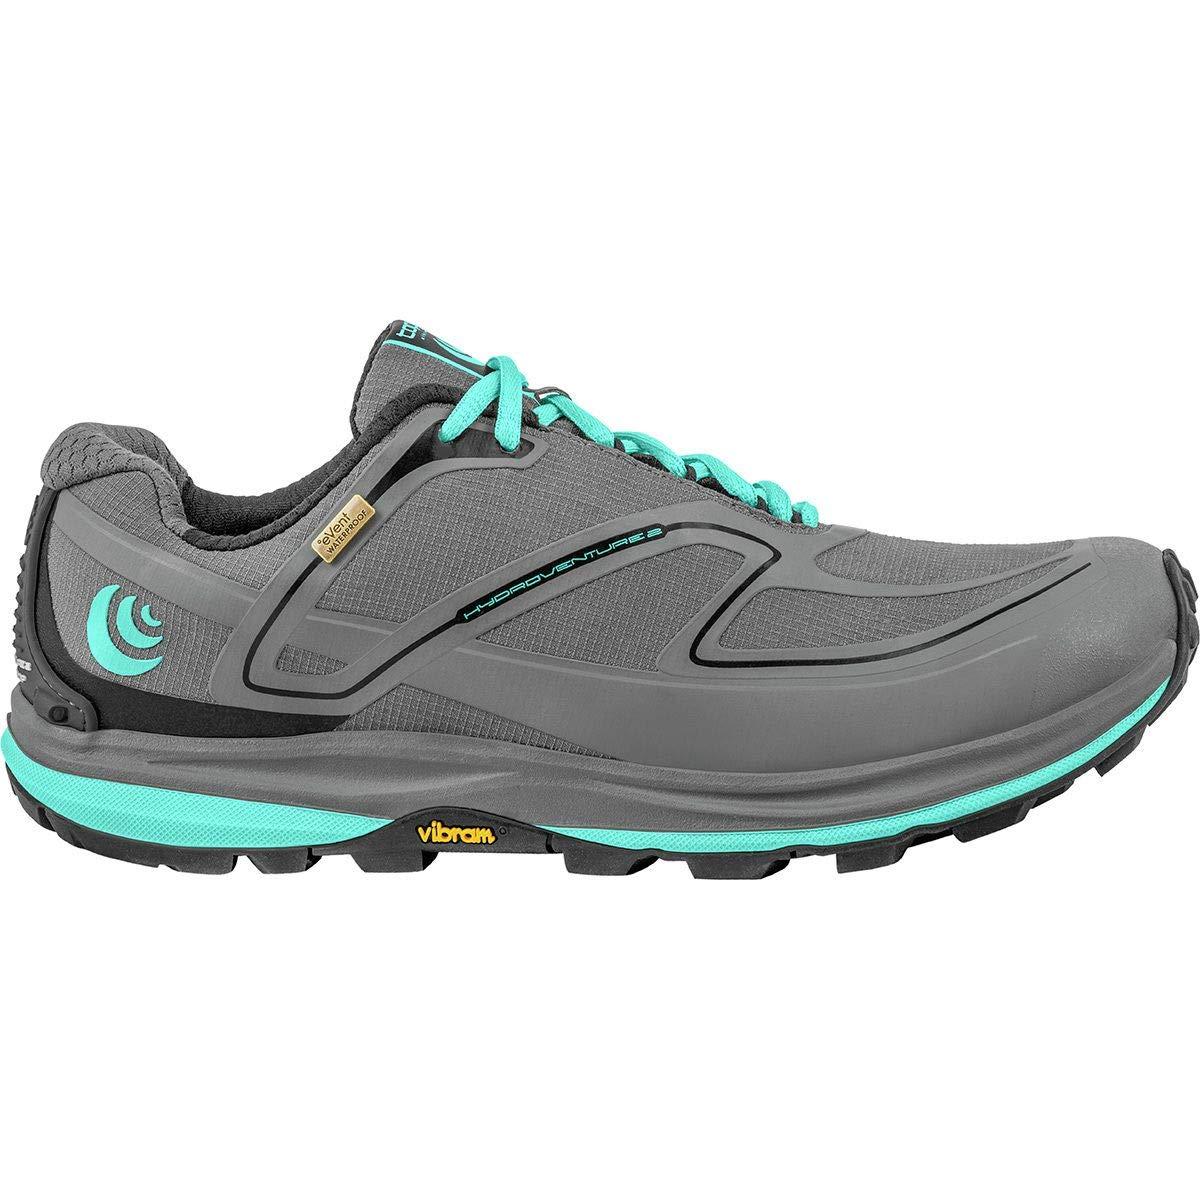 素晴らしい [トポアスレチック] レディース ランニング Hydroventure 2 Trail Running Shoe Hydroventure 2 [並行輸入品] Running B07NZLCDV8 8.5, こむら*綾の家庭科室 Zakkaten 40:c3f4ce0c --- digitalmantraa.com